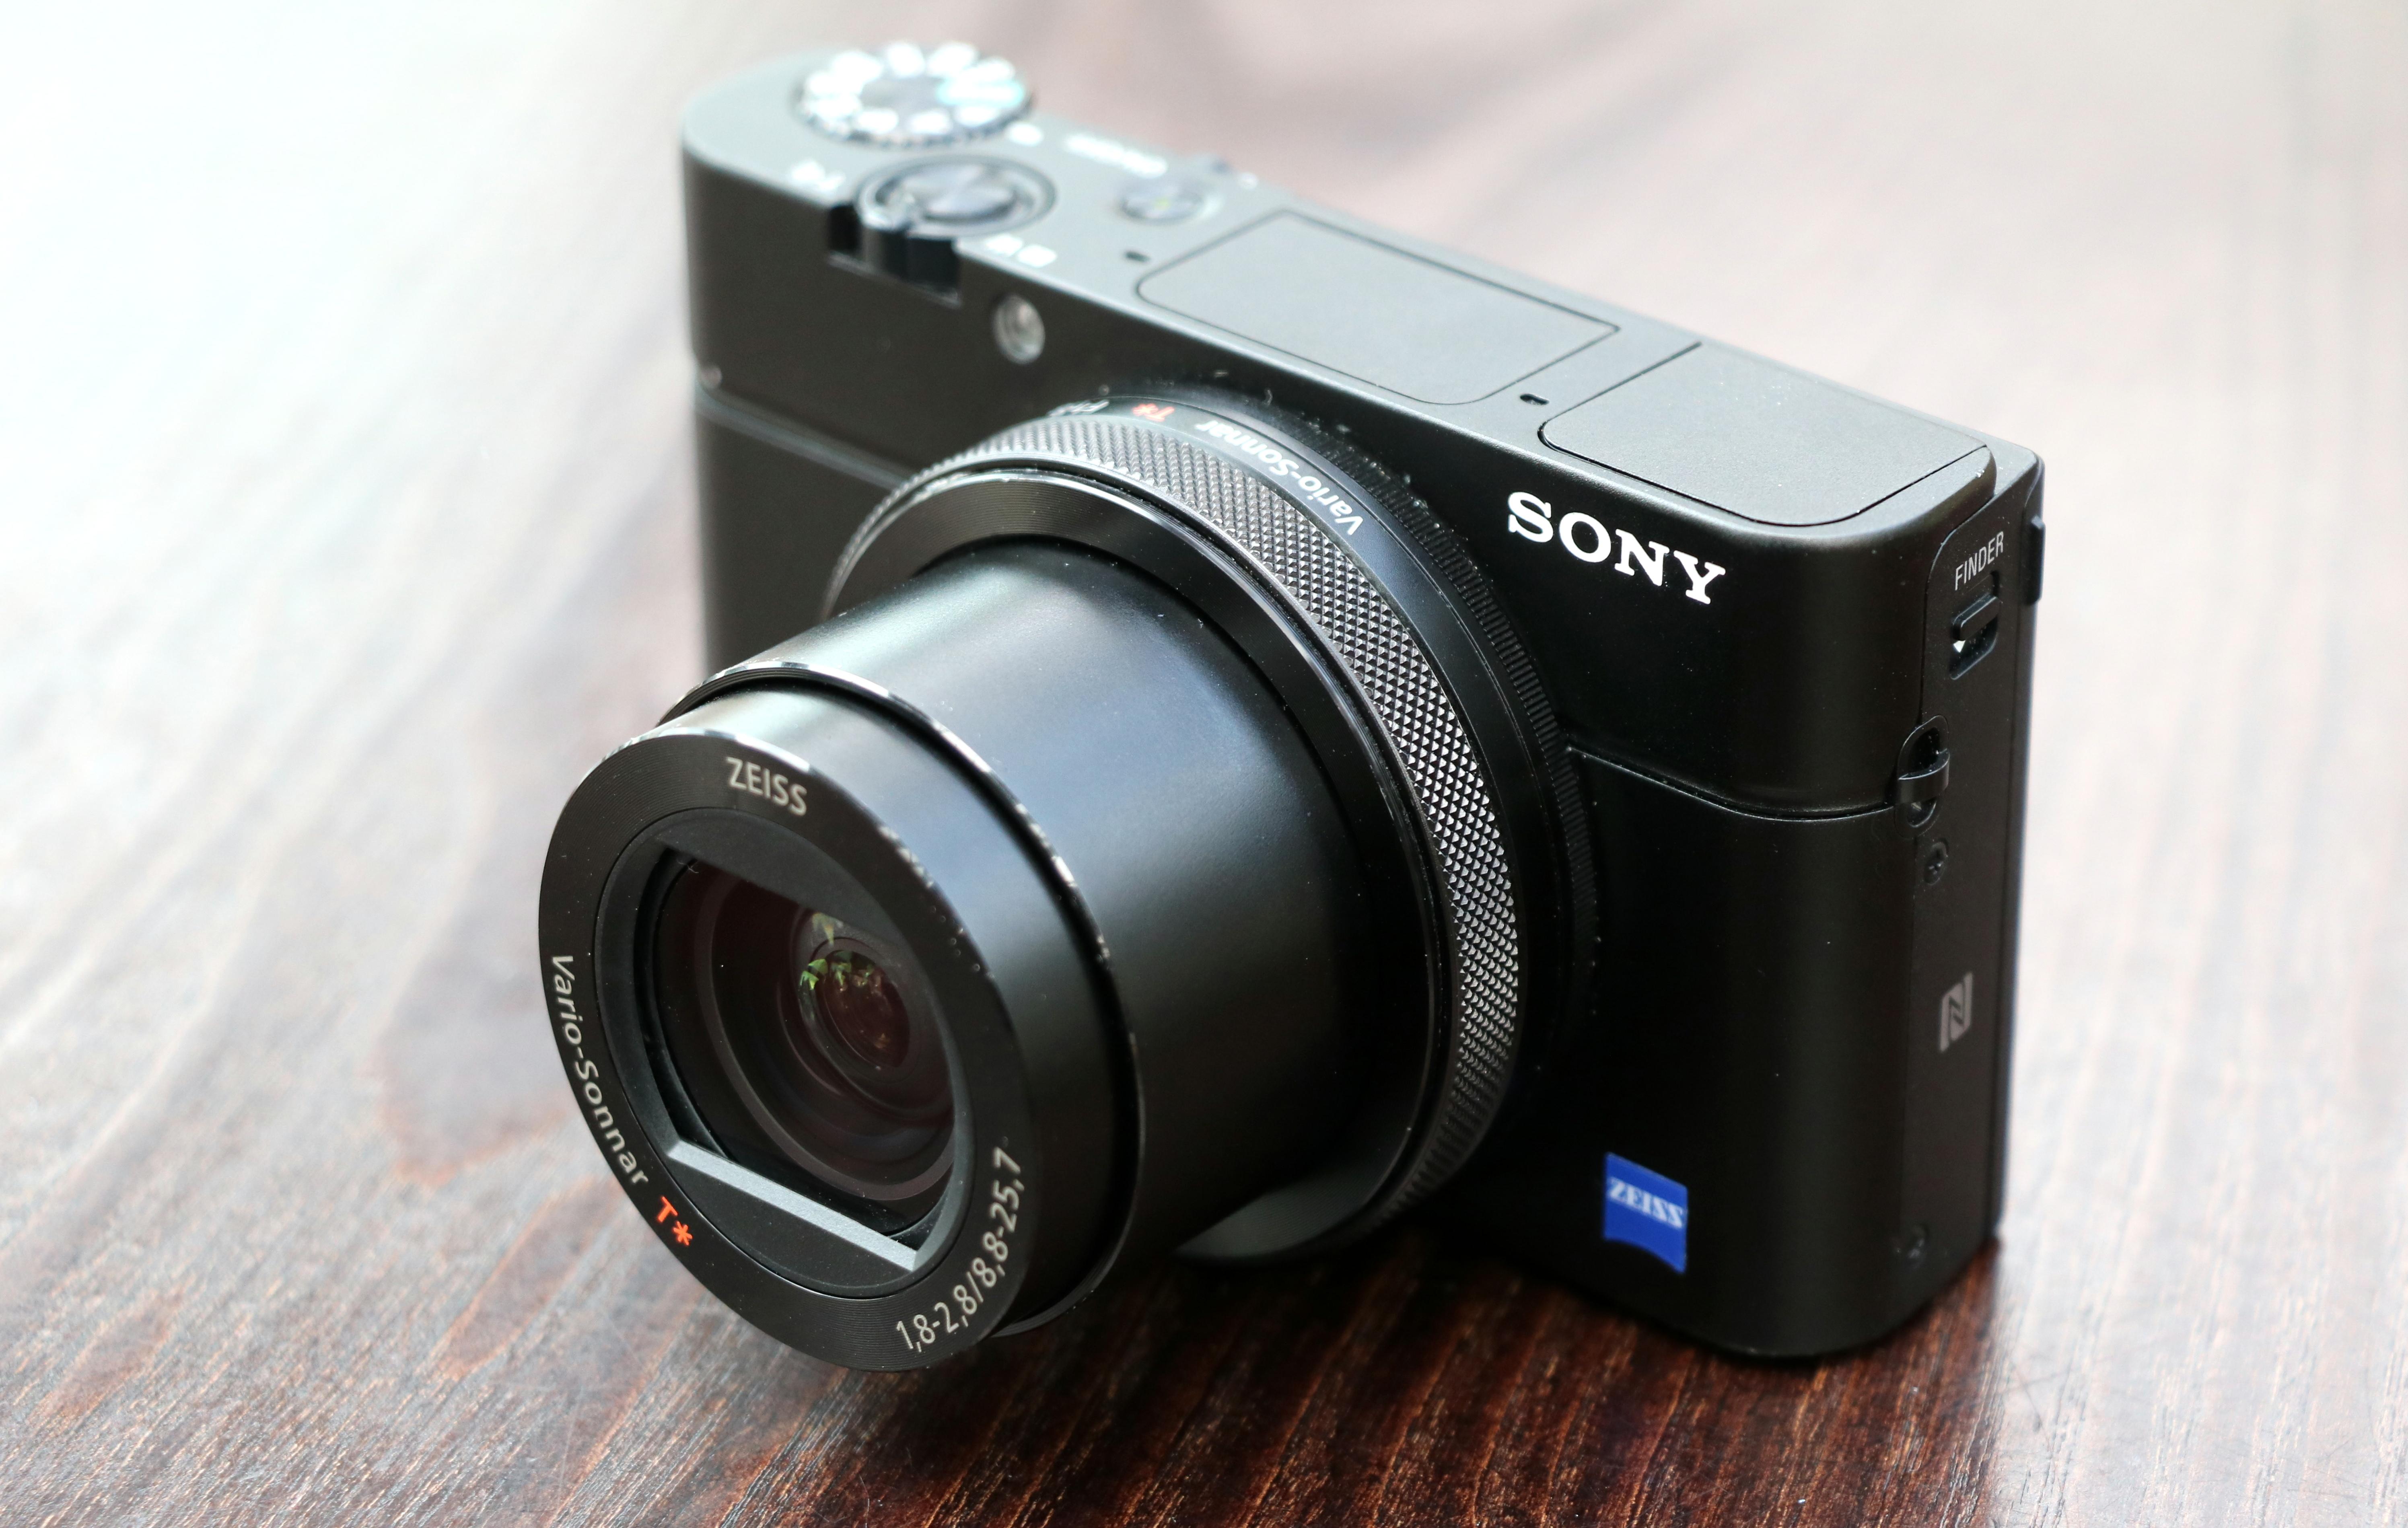 Sony Cyber-shot DSC-RX100 Mark IV Review | ePHOTOzine